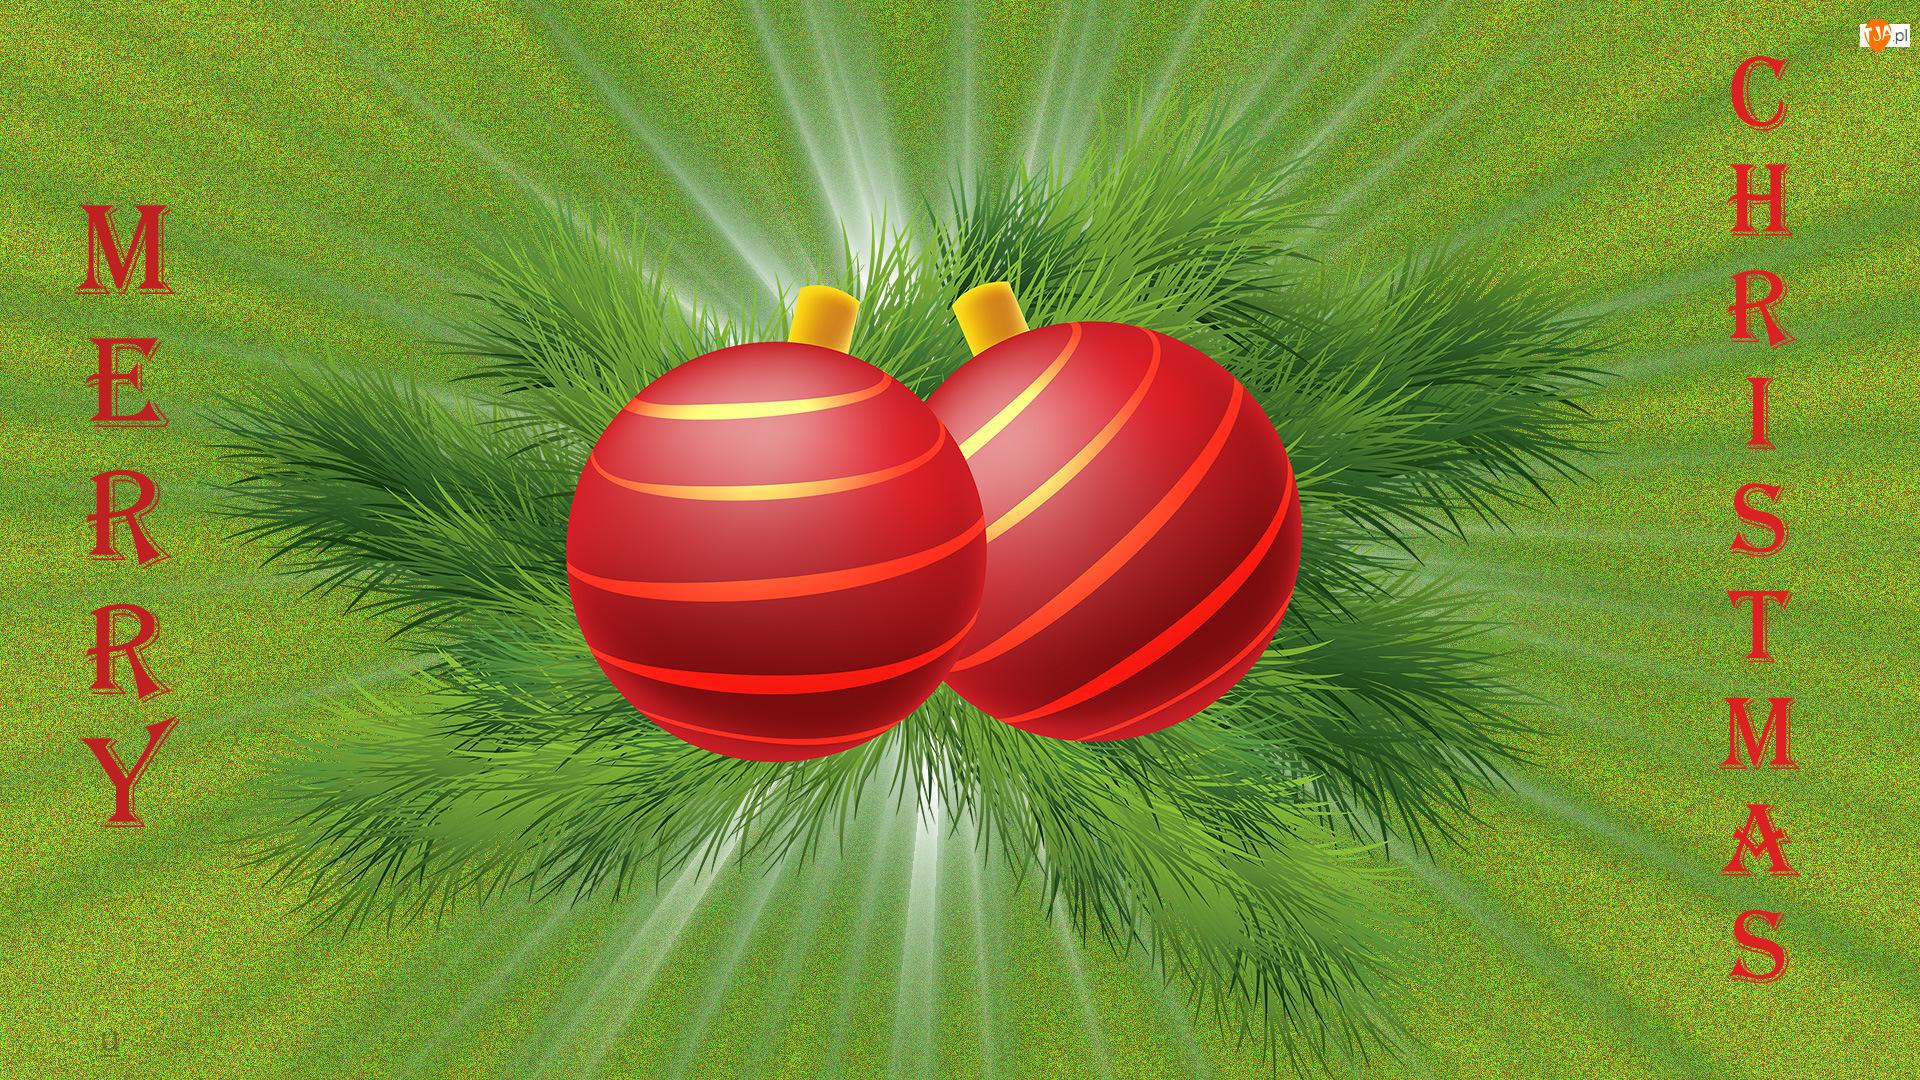 Czerwone, Napis, Świąteczne, Merry Christmas, Boże Narodzenie, Bombki